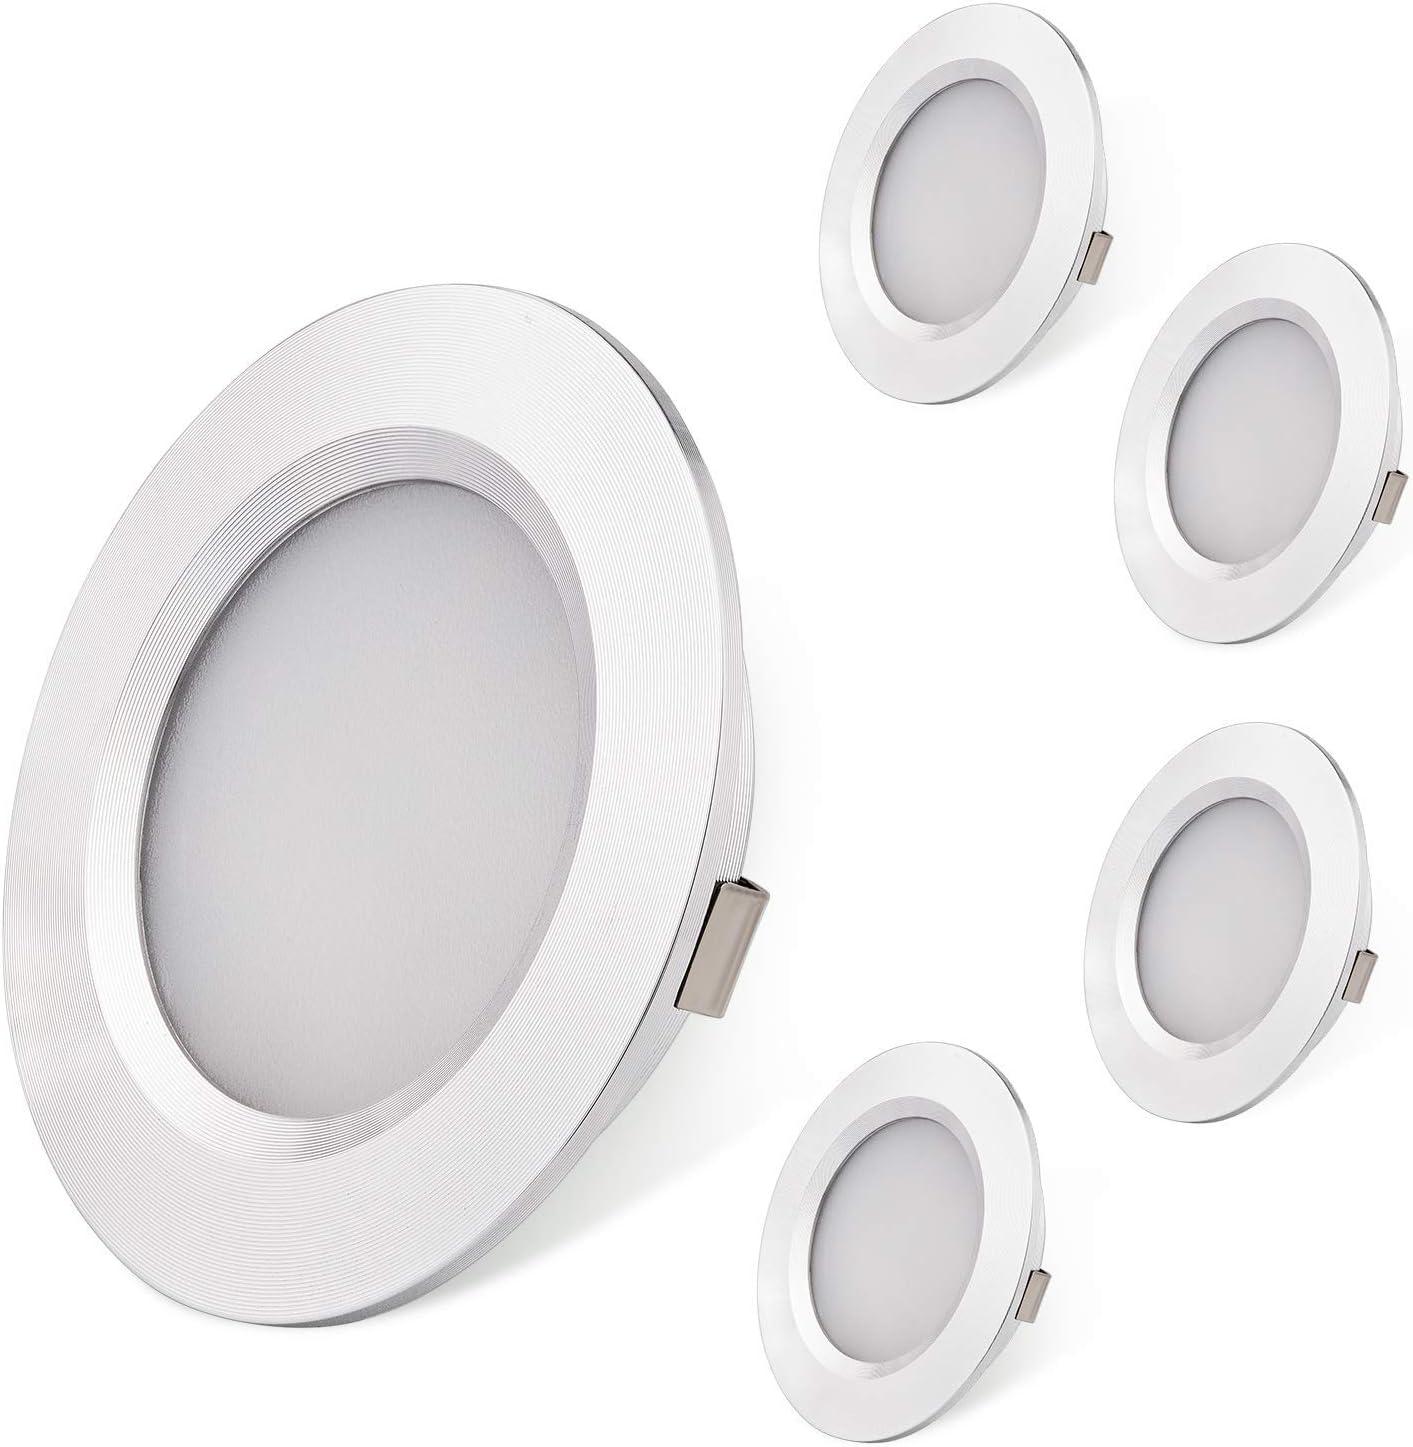 AIBOO Lot de 4 Lampes LED Ultra Fines pour int/érieur de Camping-Car Bateau Maison 4 000 K Blanc Naturel voilier Van Camping-Car